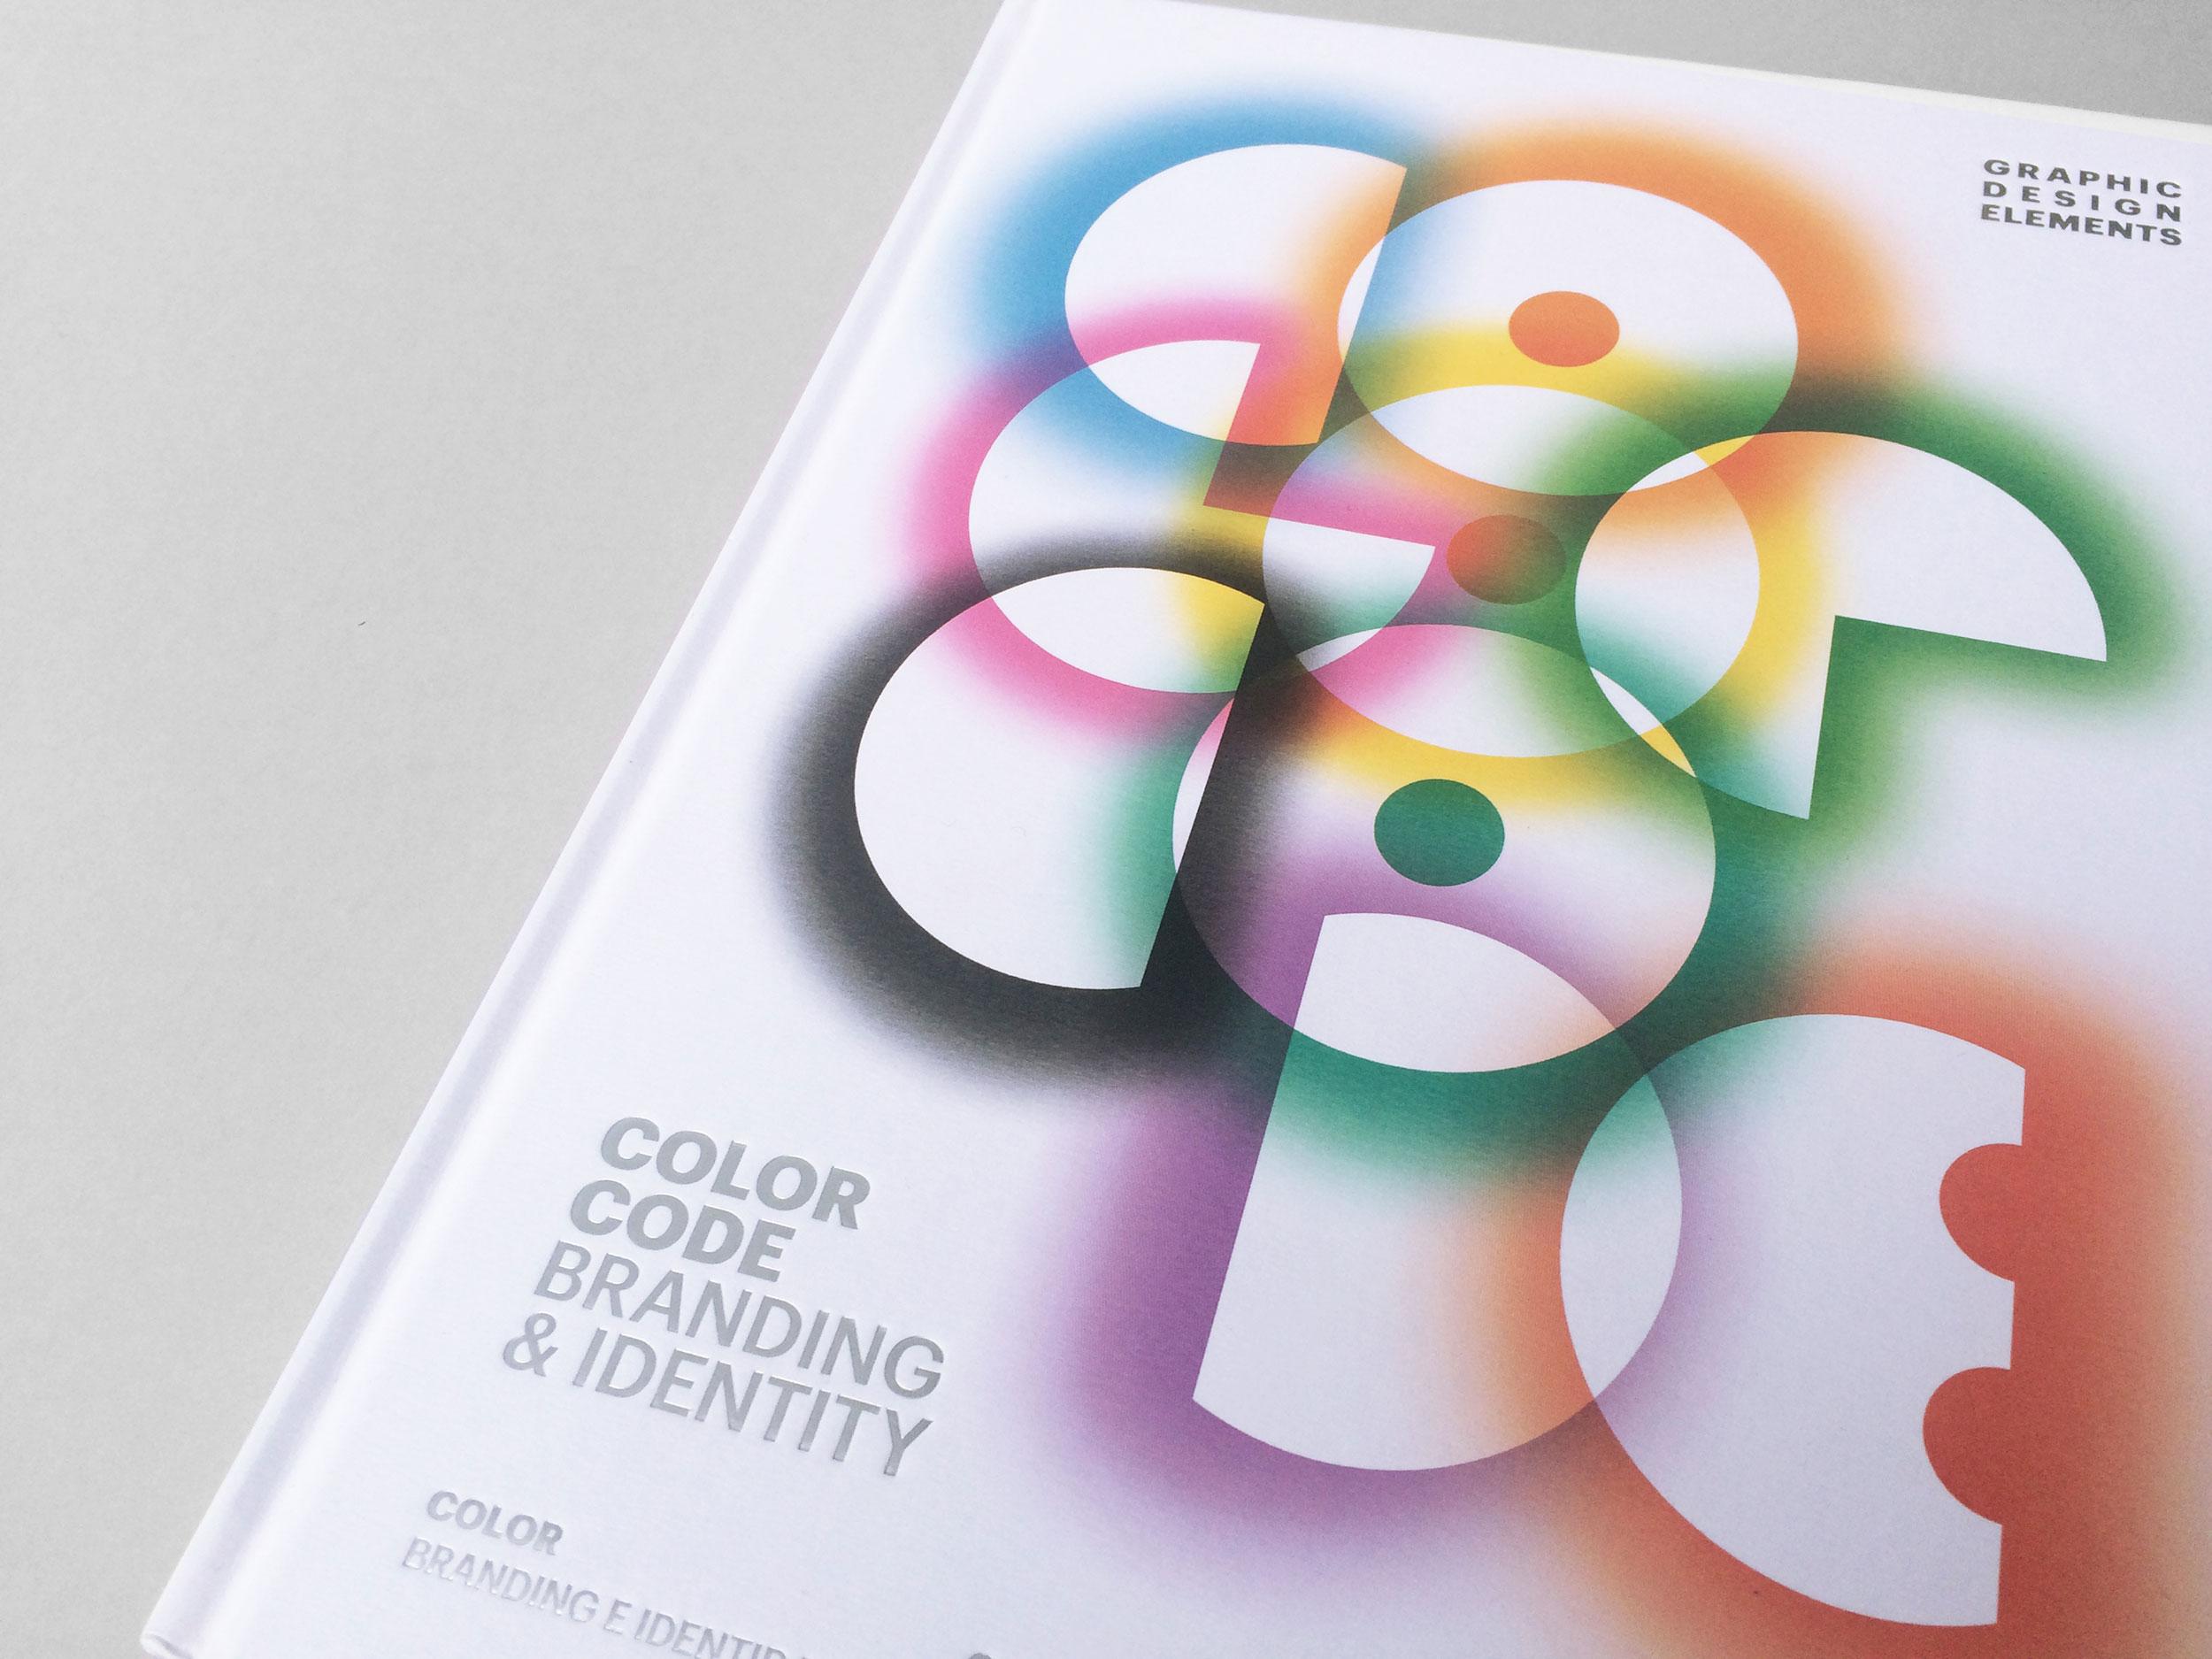 makebardo_ColorCodeBook_1.JPG